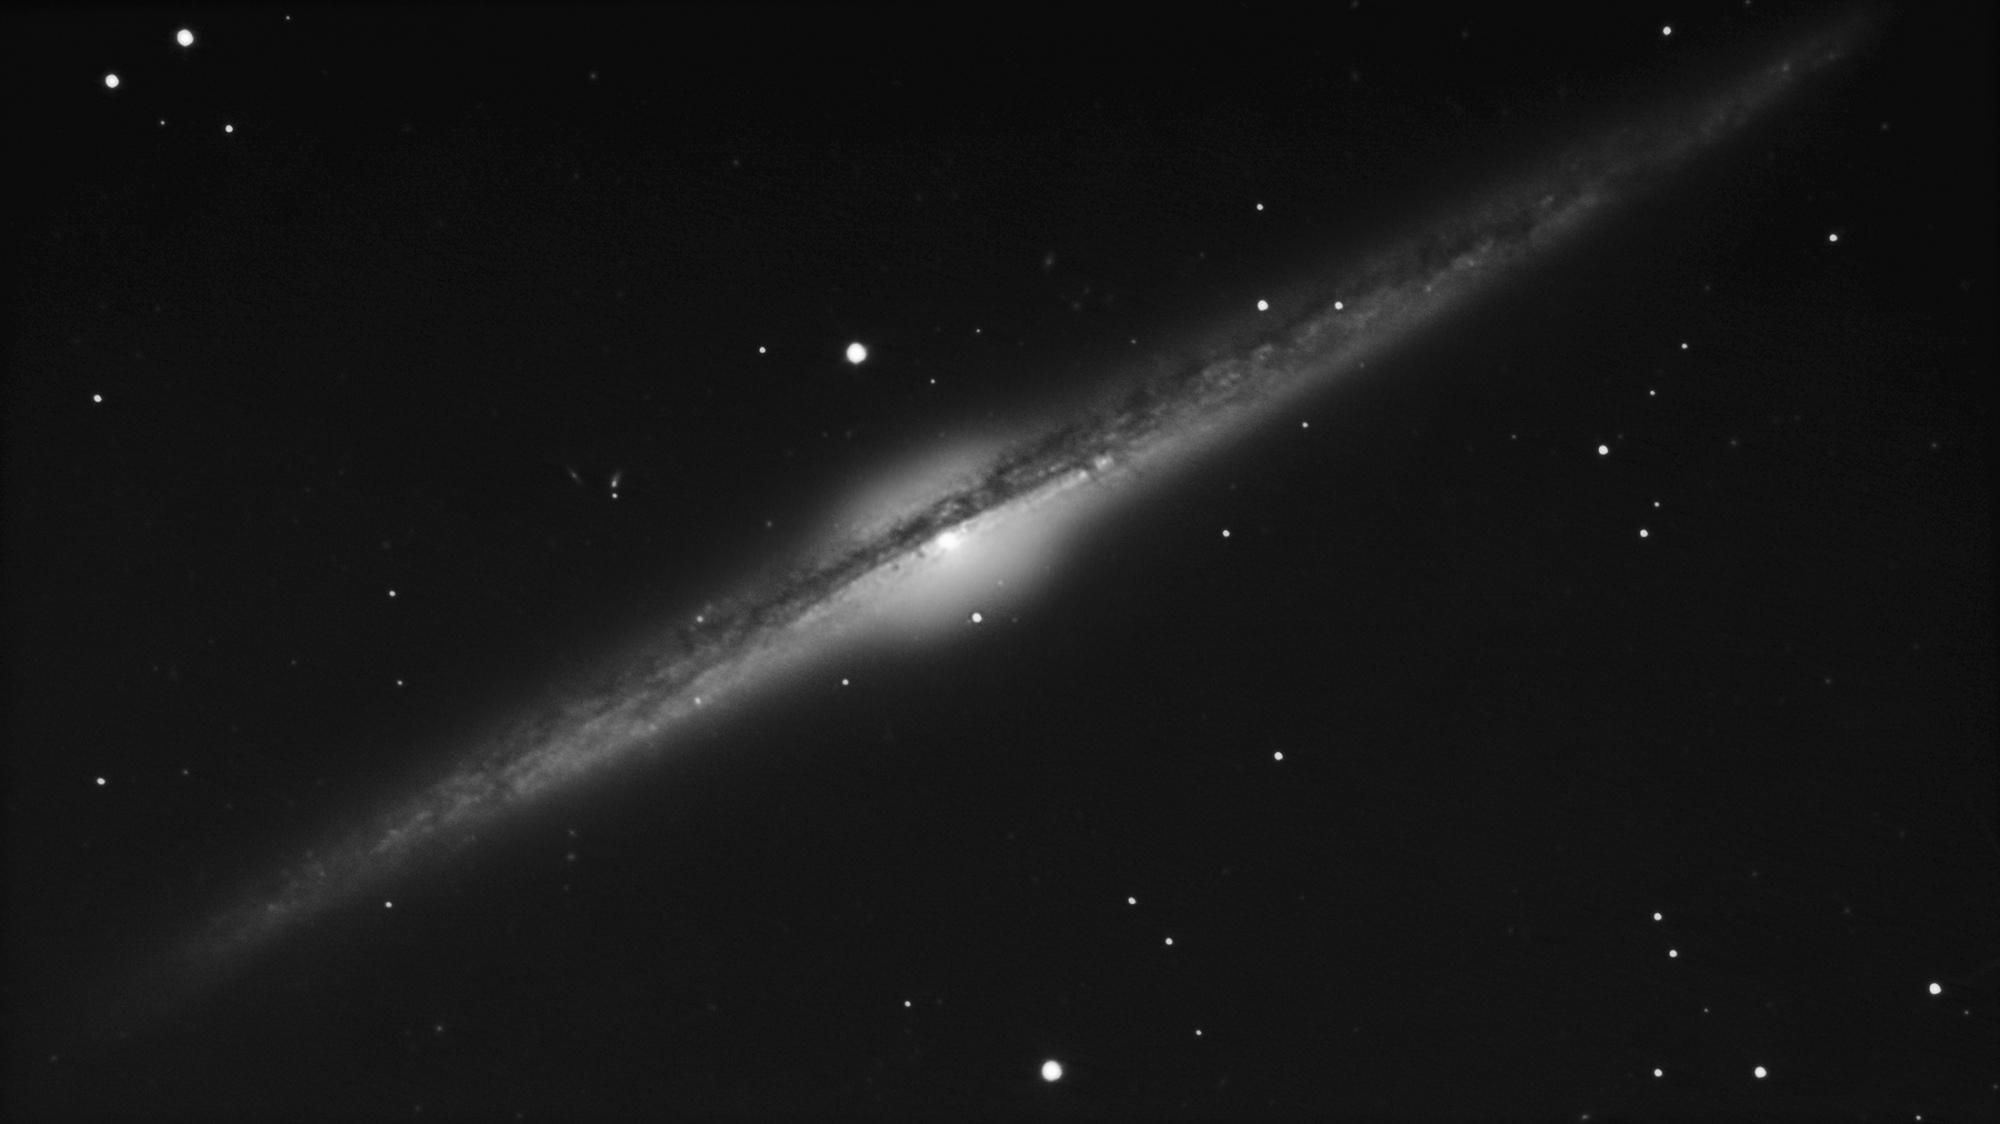 NGC-4565-NB-web.thumb.jpg.d041161b08879db5ac8a7f992630b875.jpg